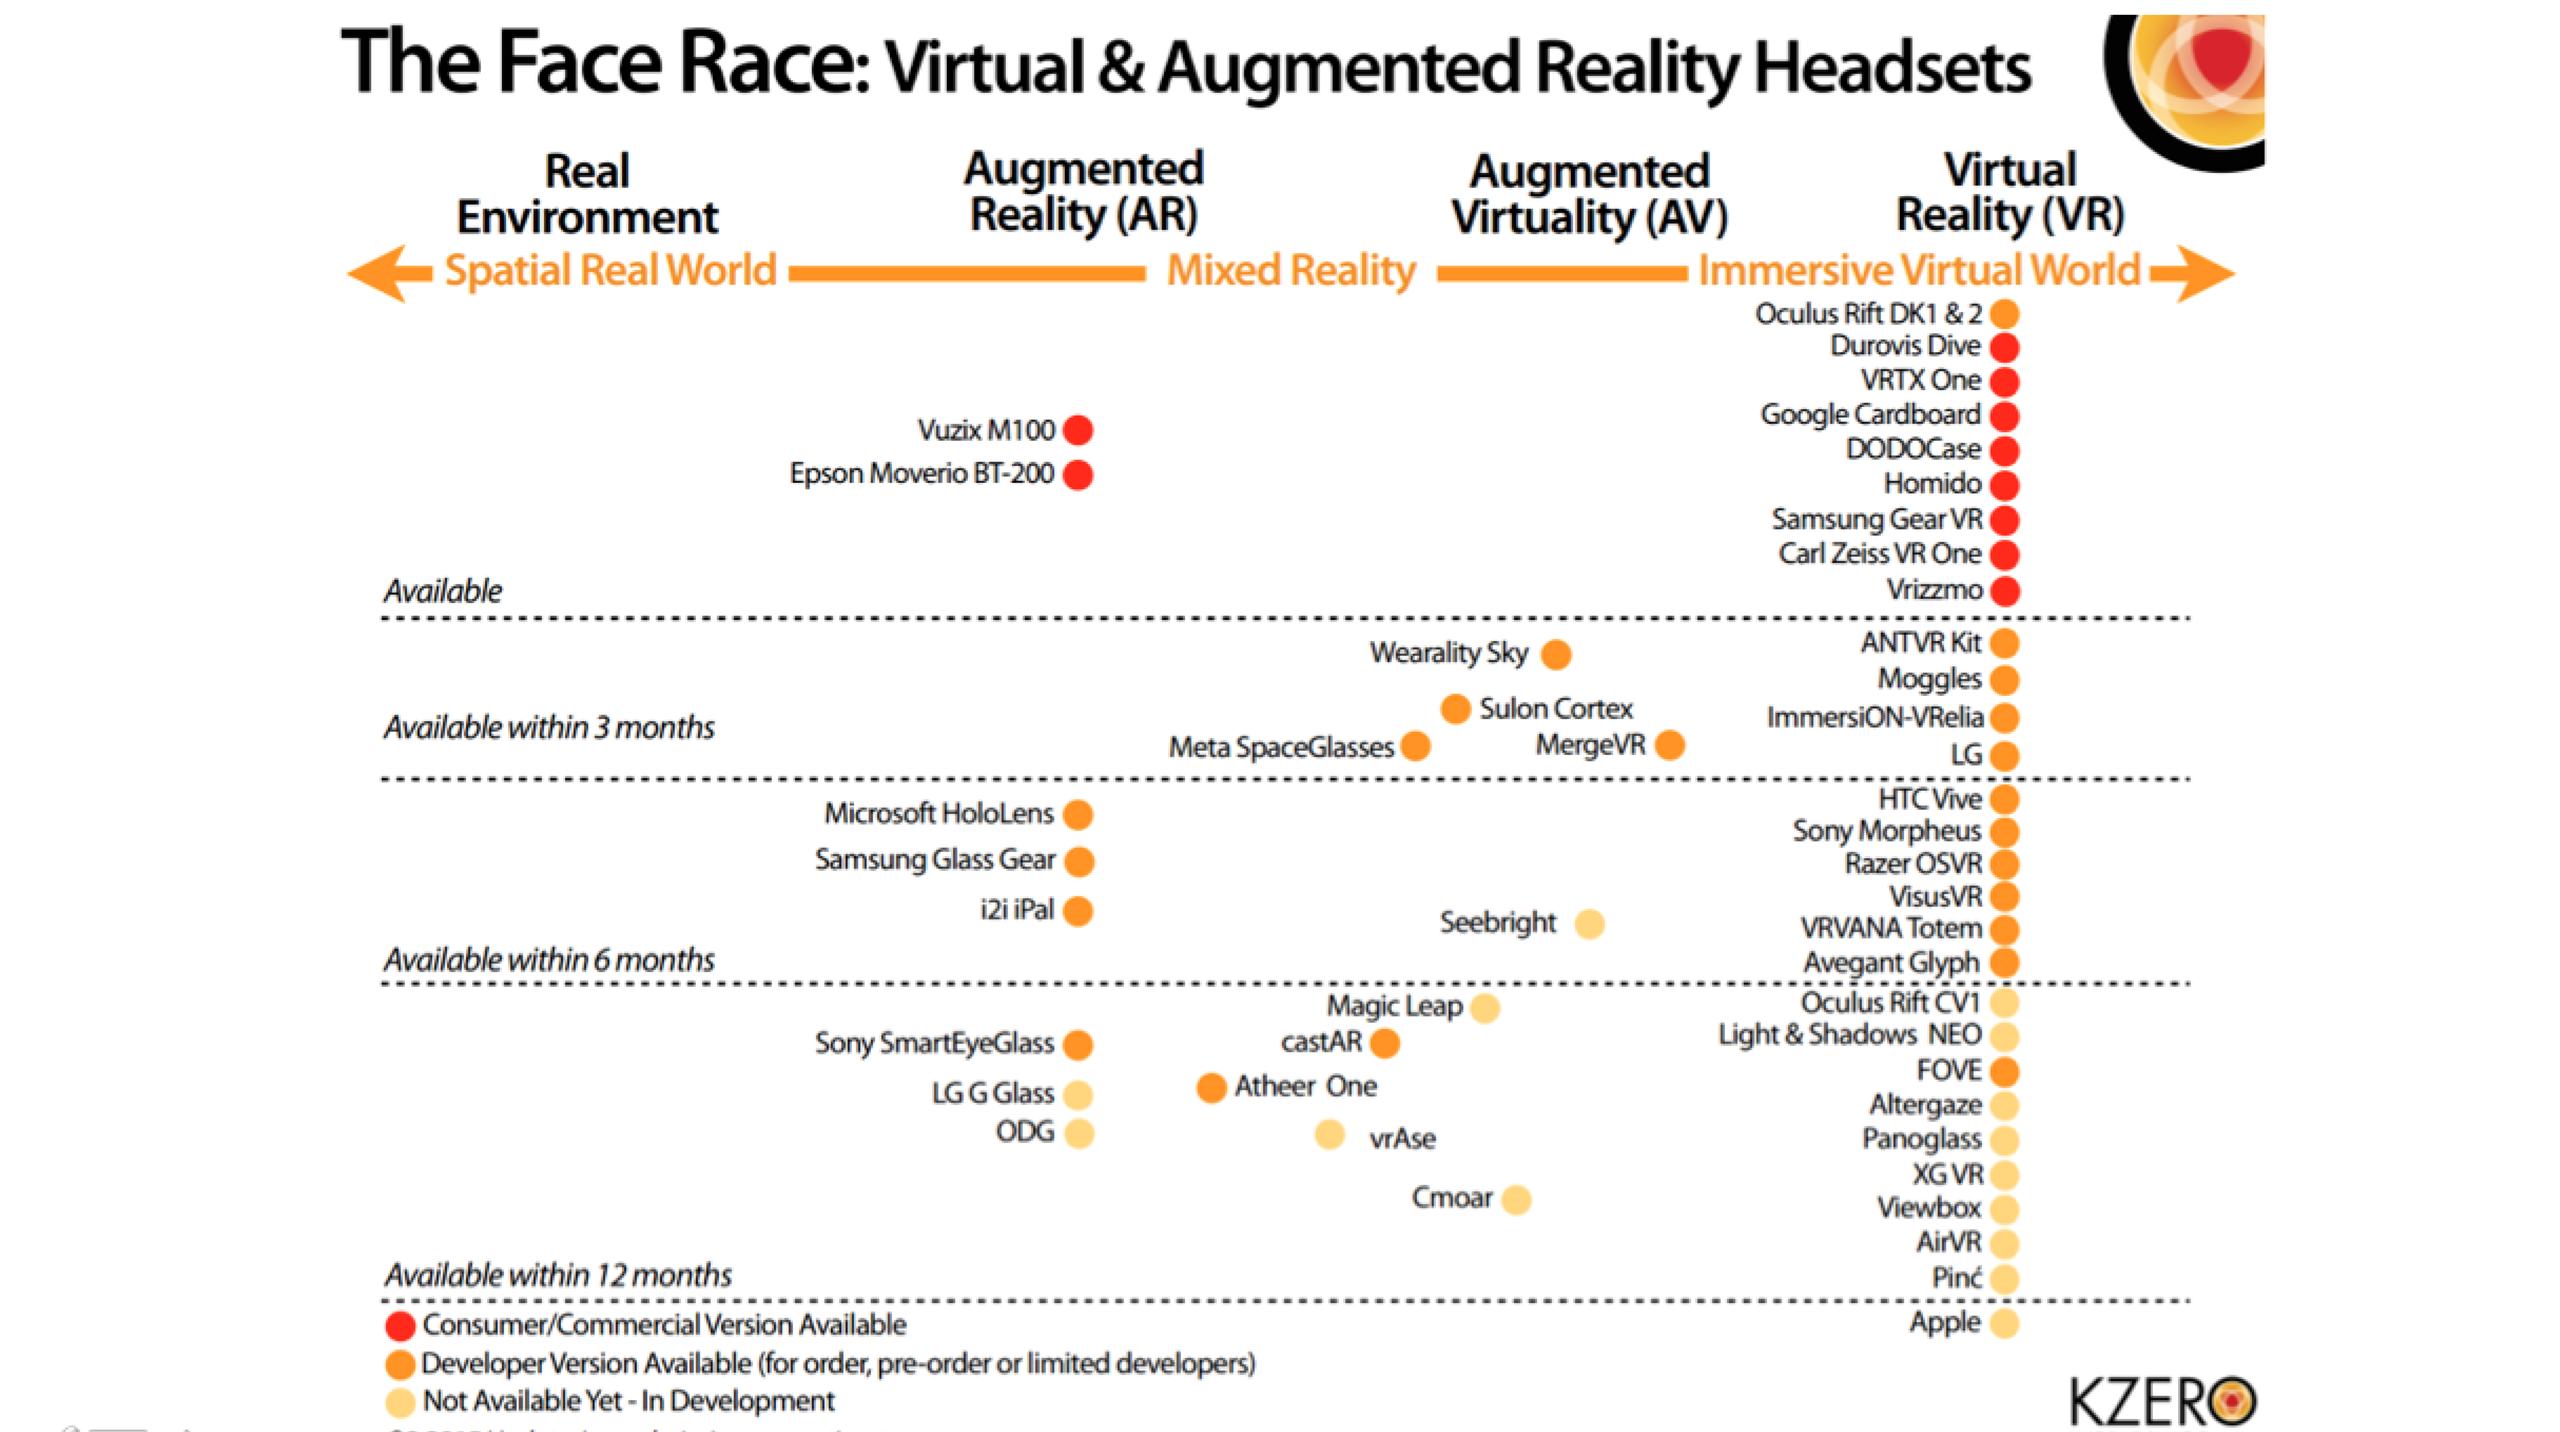 tendencia realidad aumentada y realidad virtual para 2016